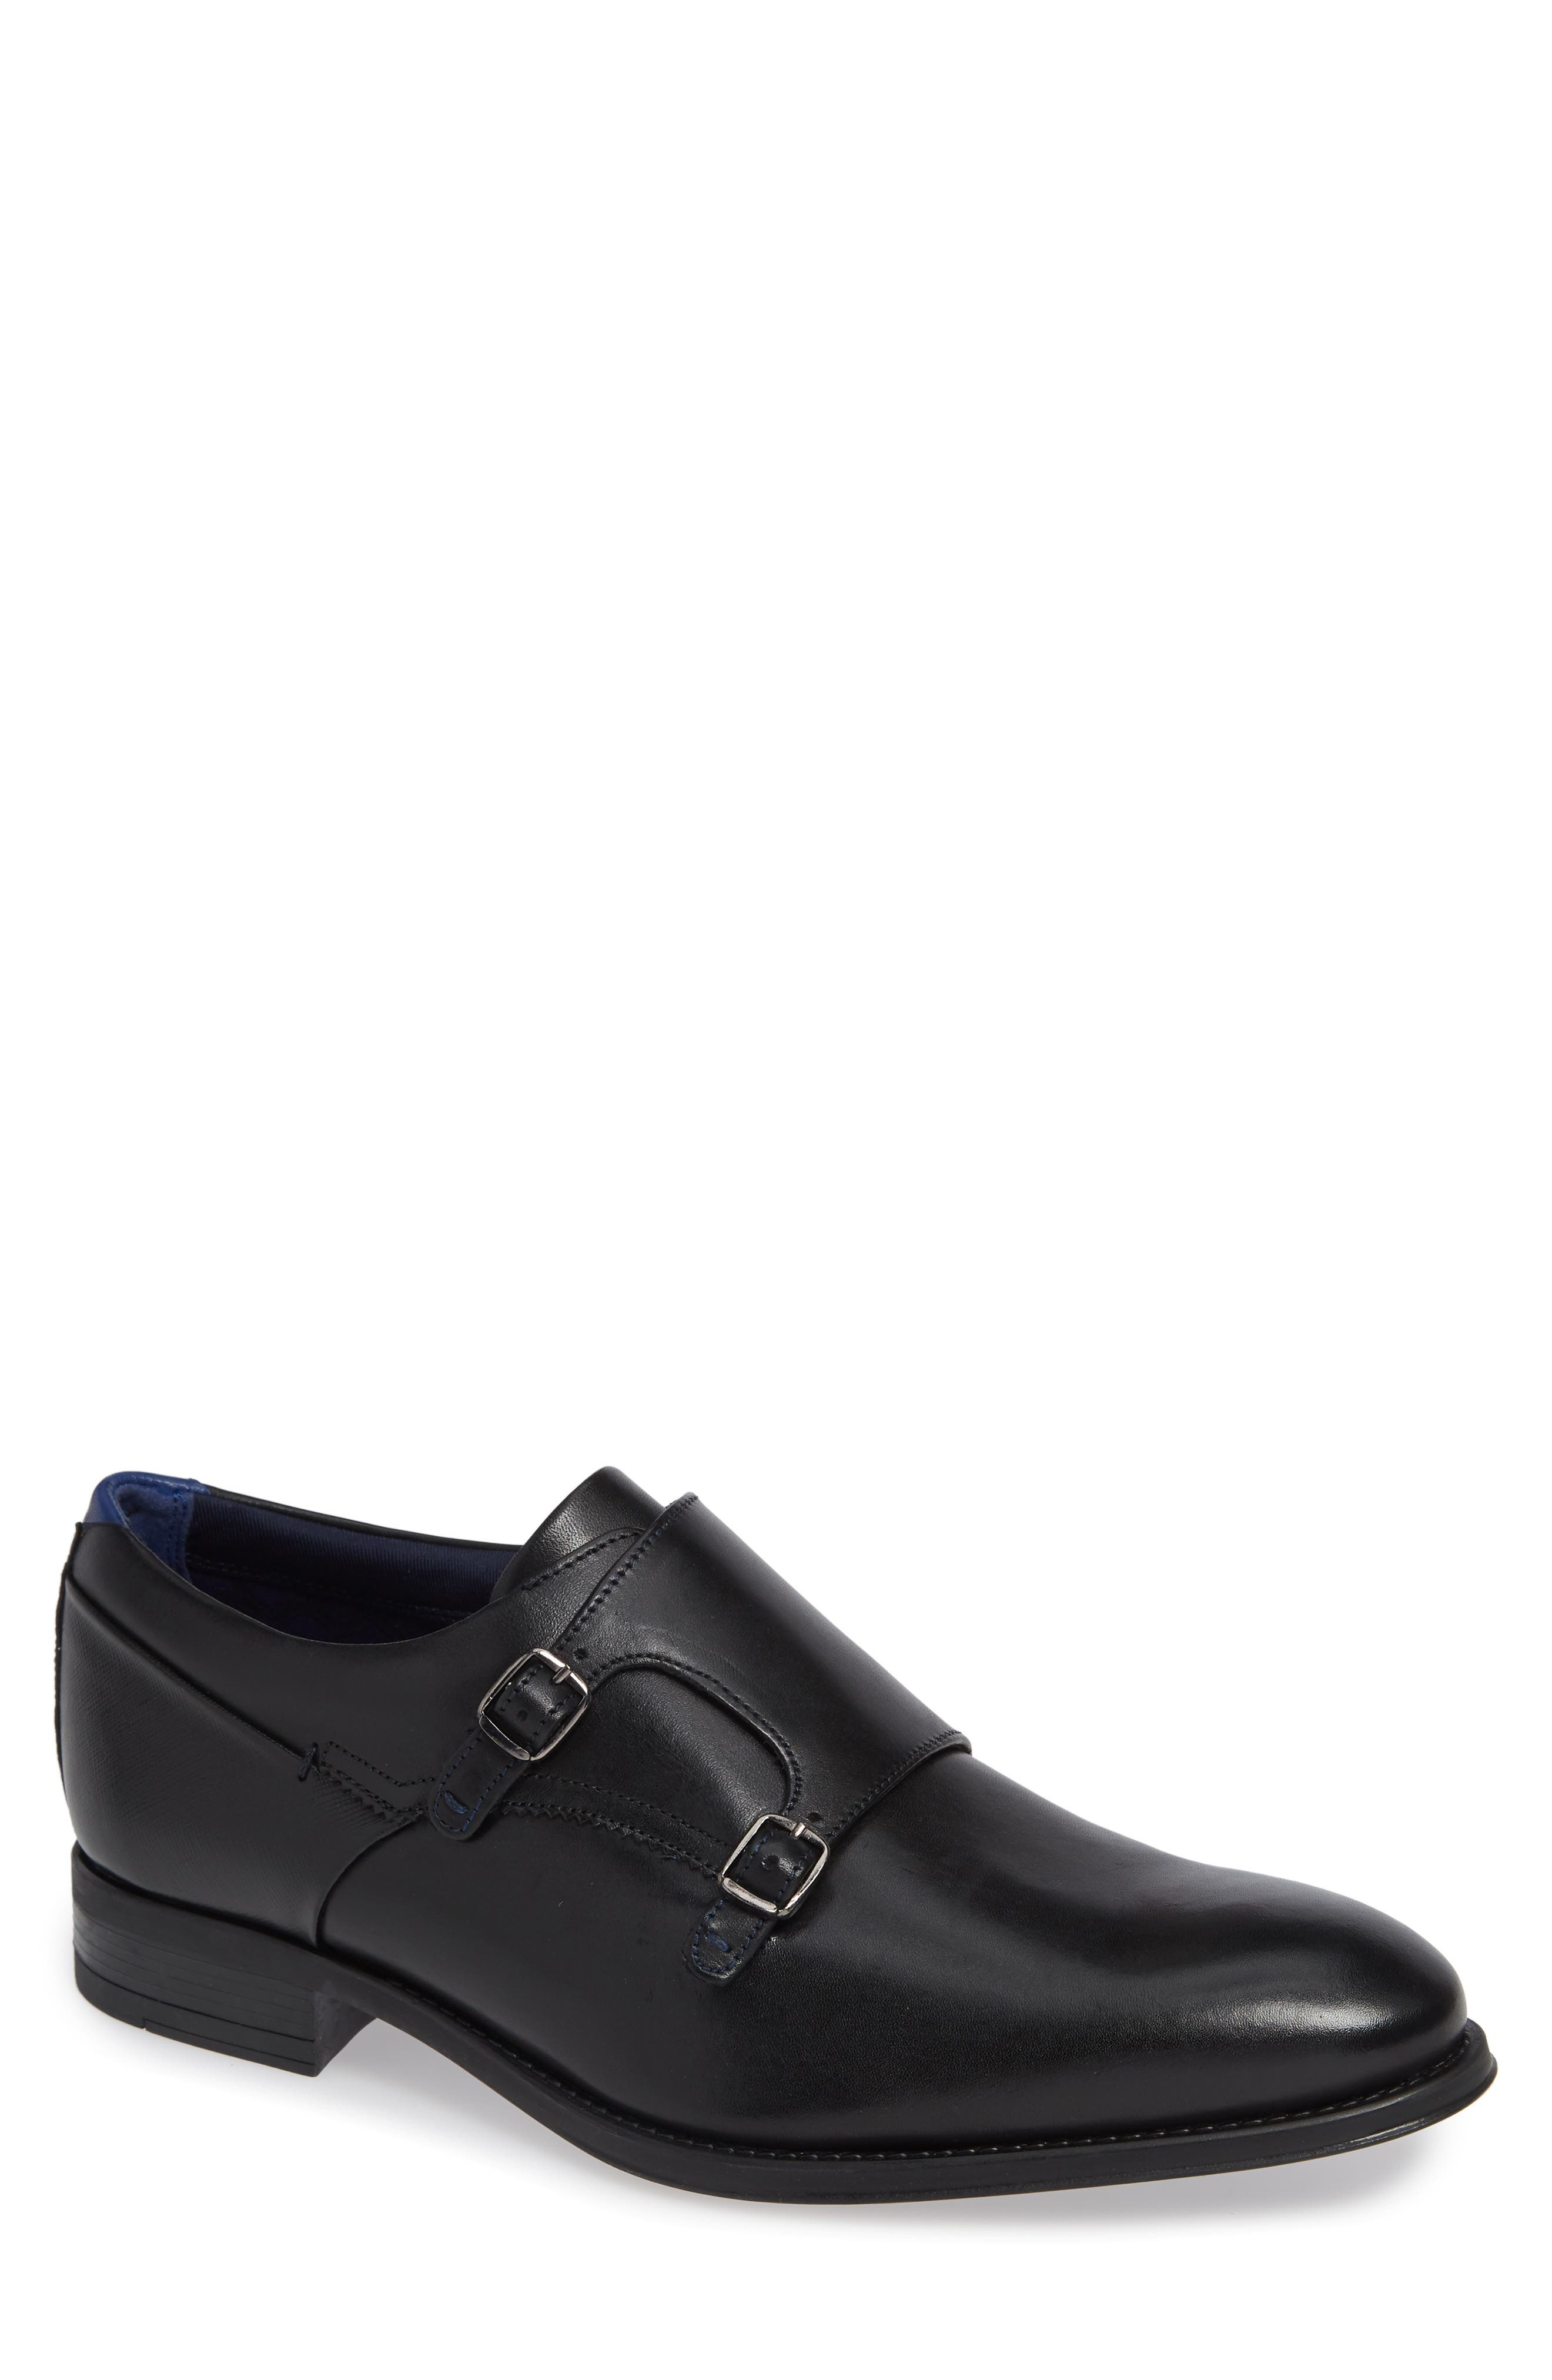 Cathon Double Buckle Monk Shoe,                             Main thumbnail 1, color,                             BLACK LEATHER